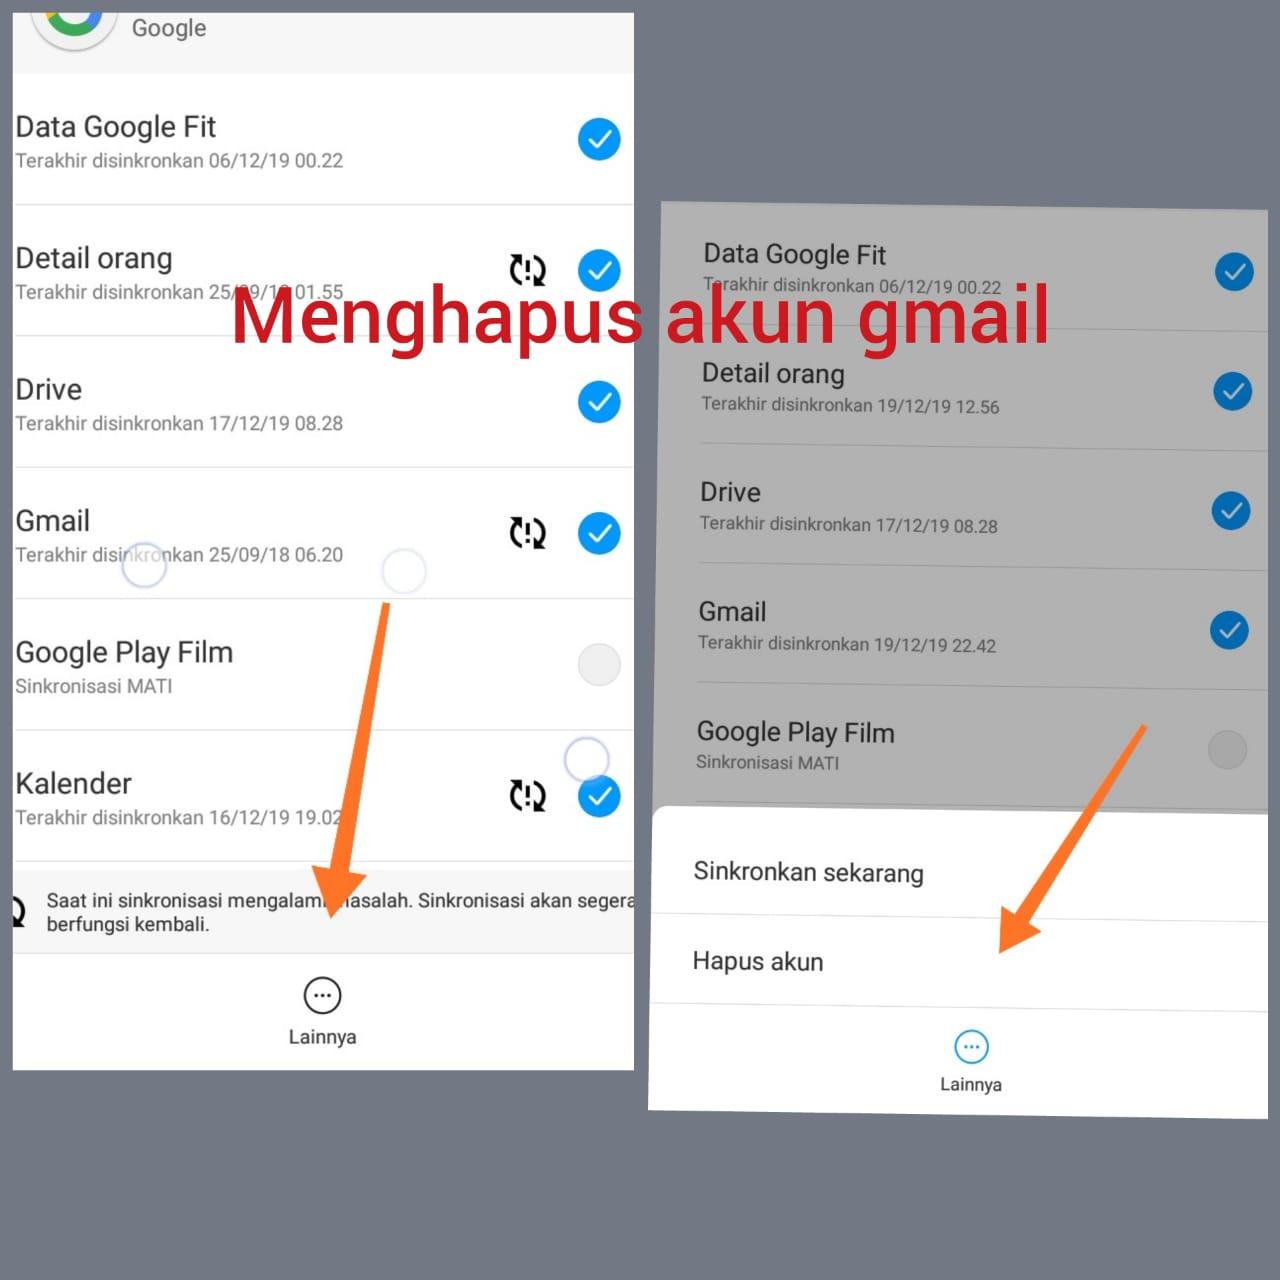 Menghapus Akun Gmail Di Hp Xiaomi Terbaru Dengan Mudah